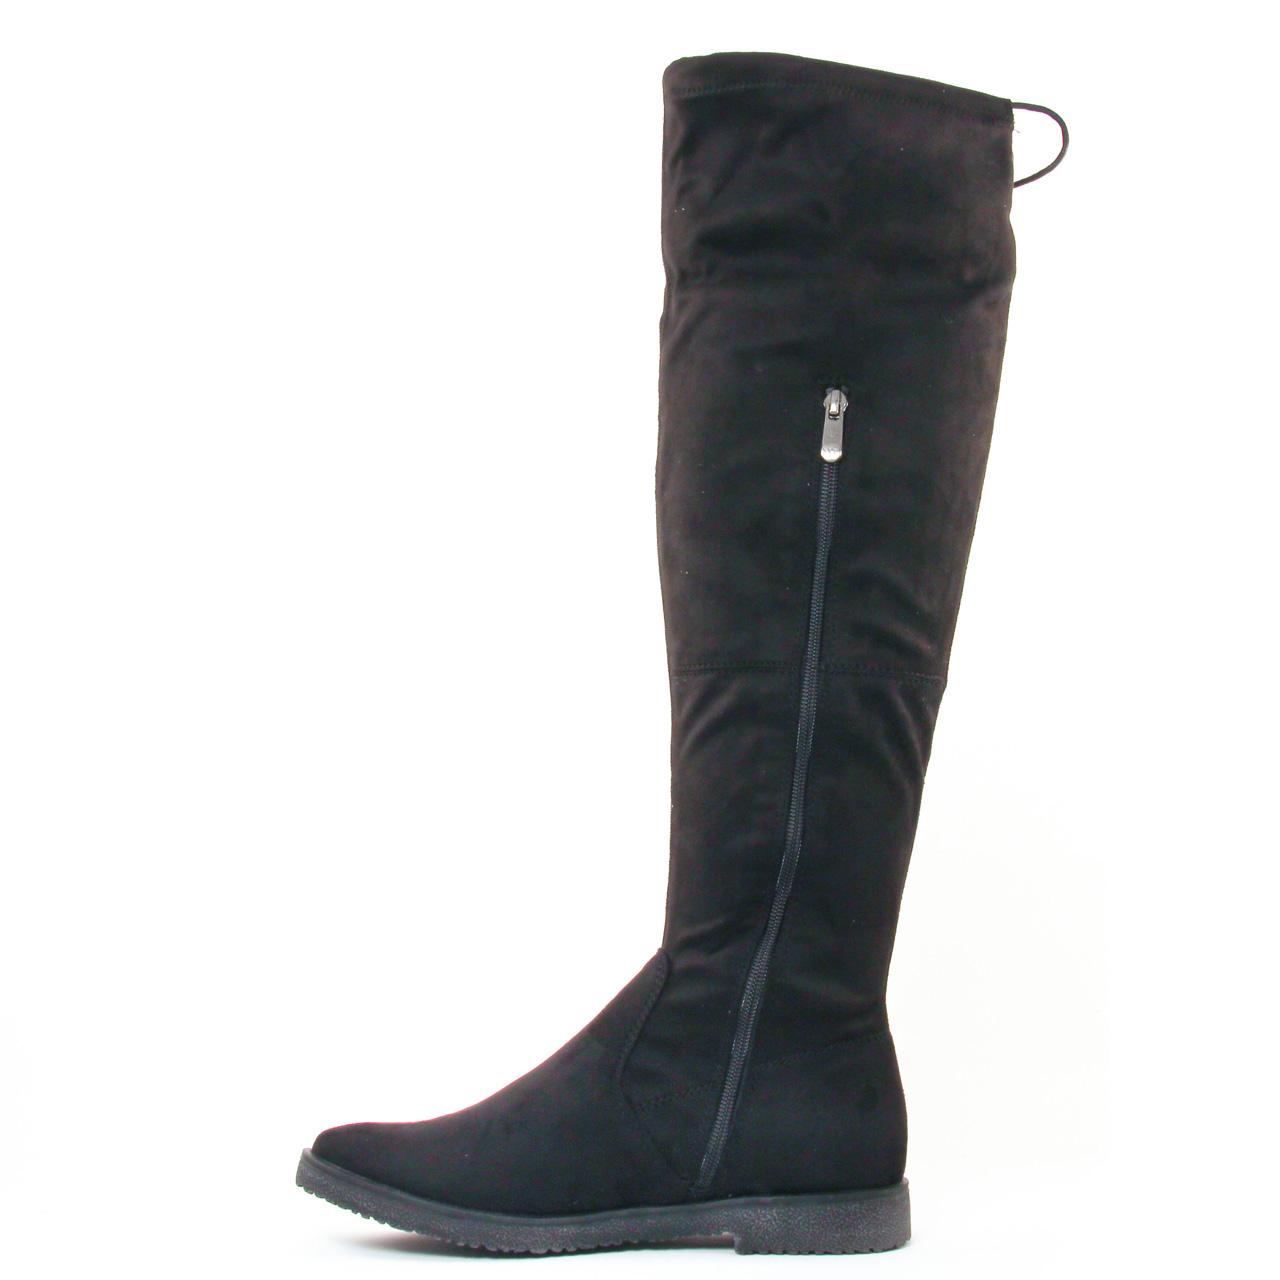 marco tozzi 25645 black botte cuissardes noir automne hiver chez trois par 3. Black Bedroom Furniture Sets. Home Design Ideas